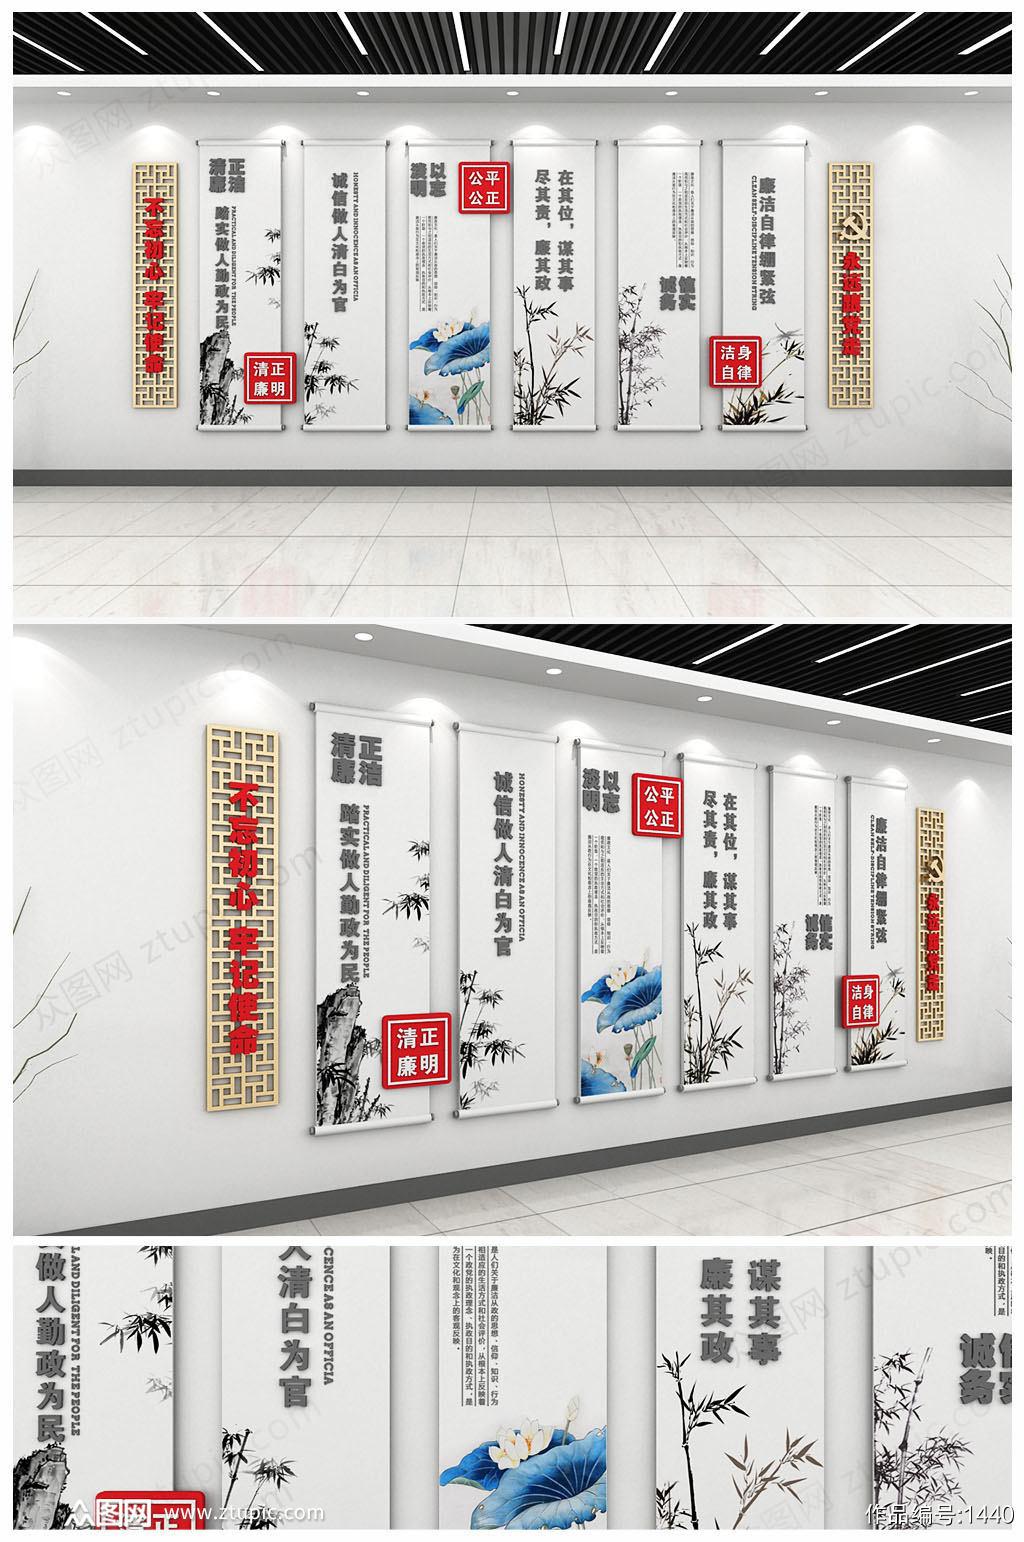 原创新中式荷花廉政文化墙党员活动室背景墙素材